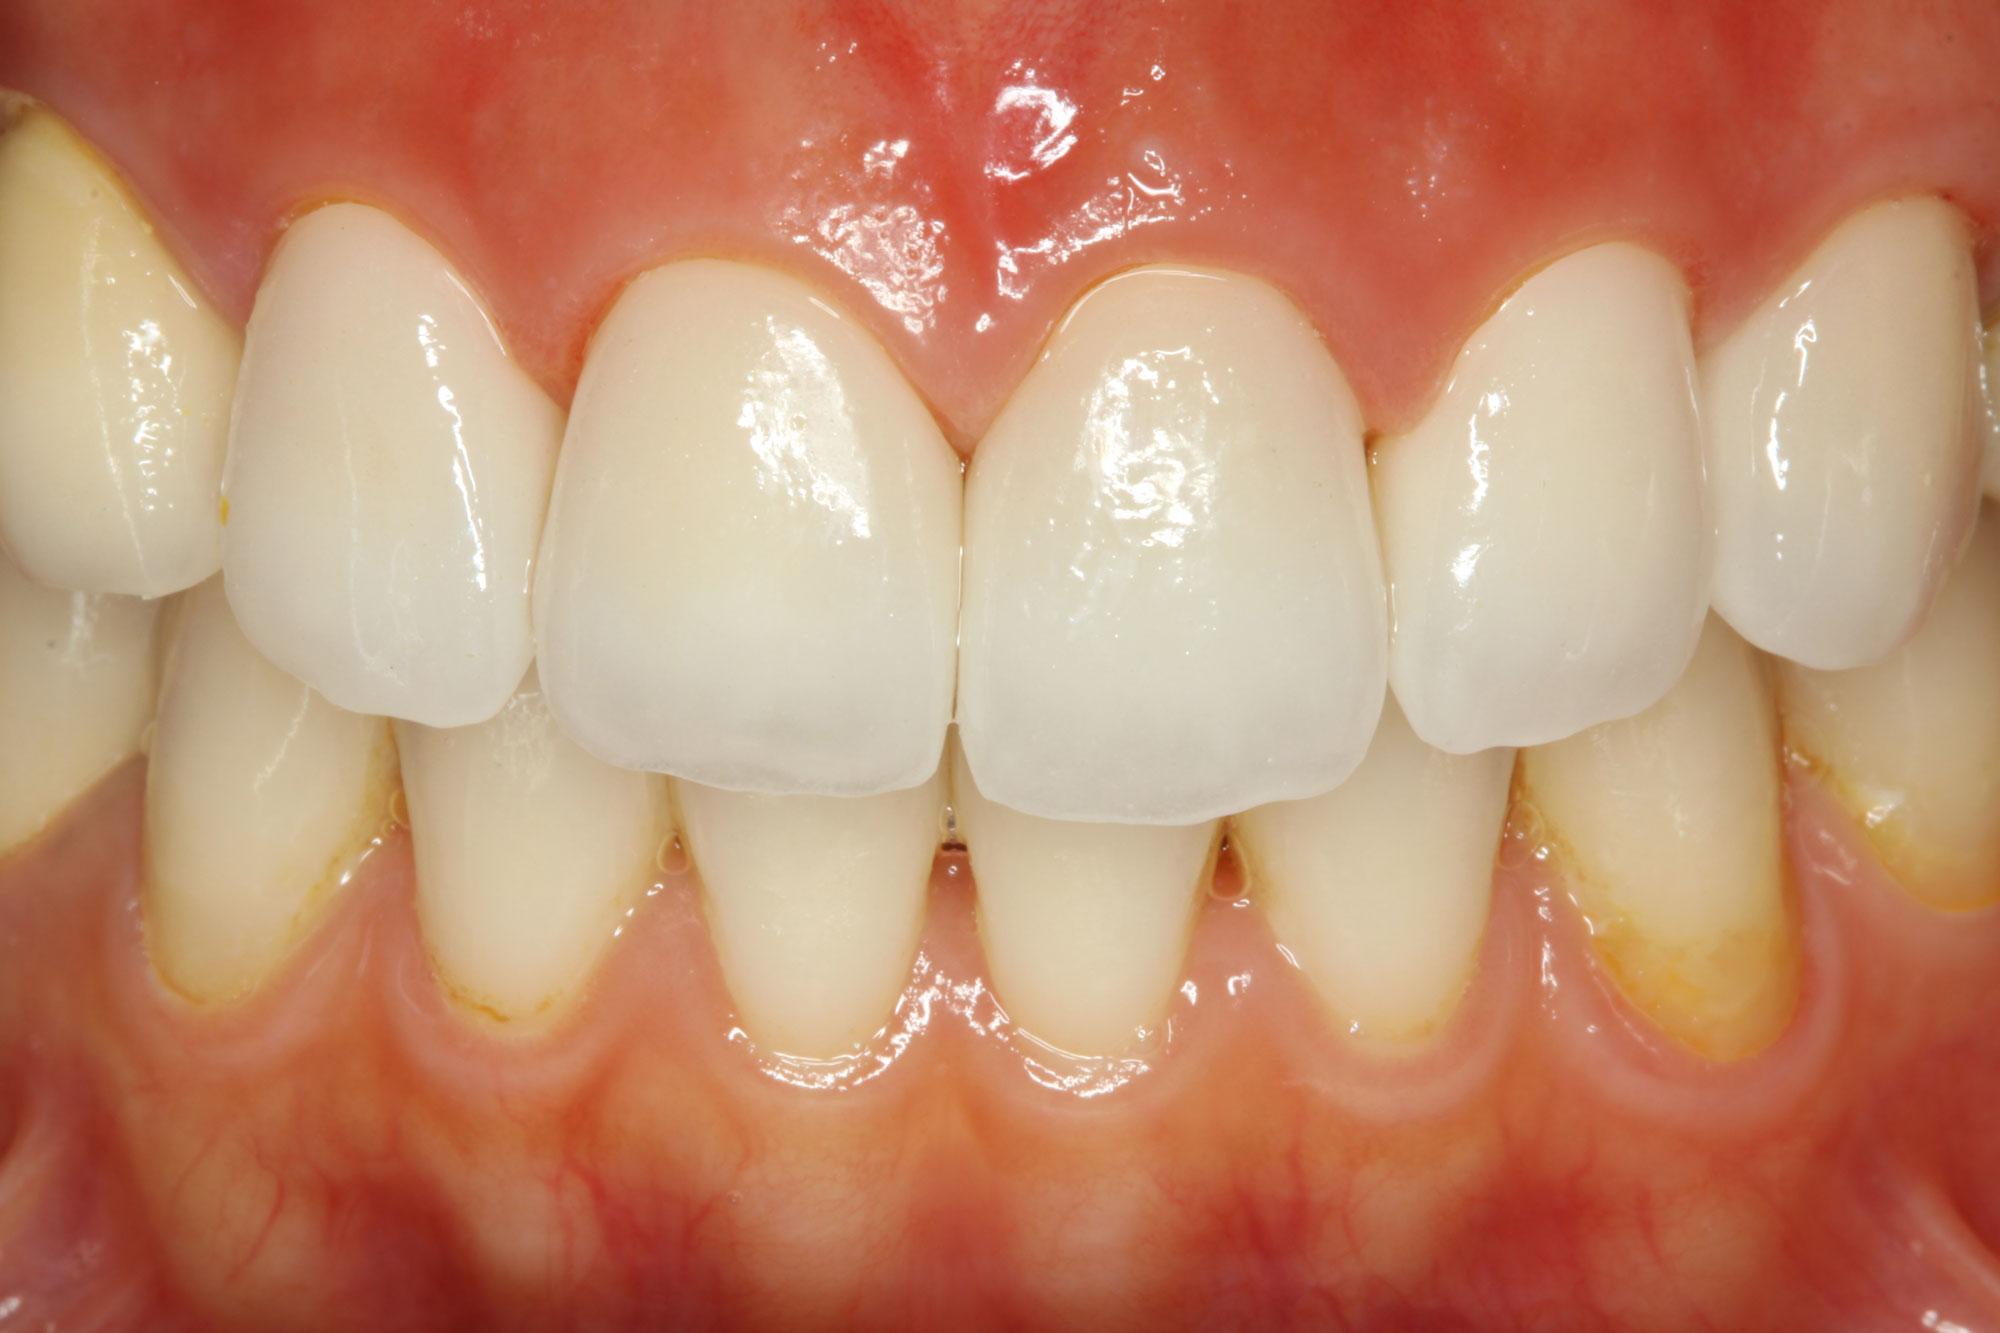 古い差し歯はオールセラミックという素材を使用することでより綺麗に見えるようになります。